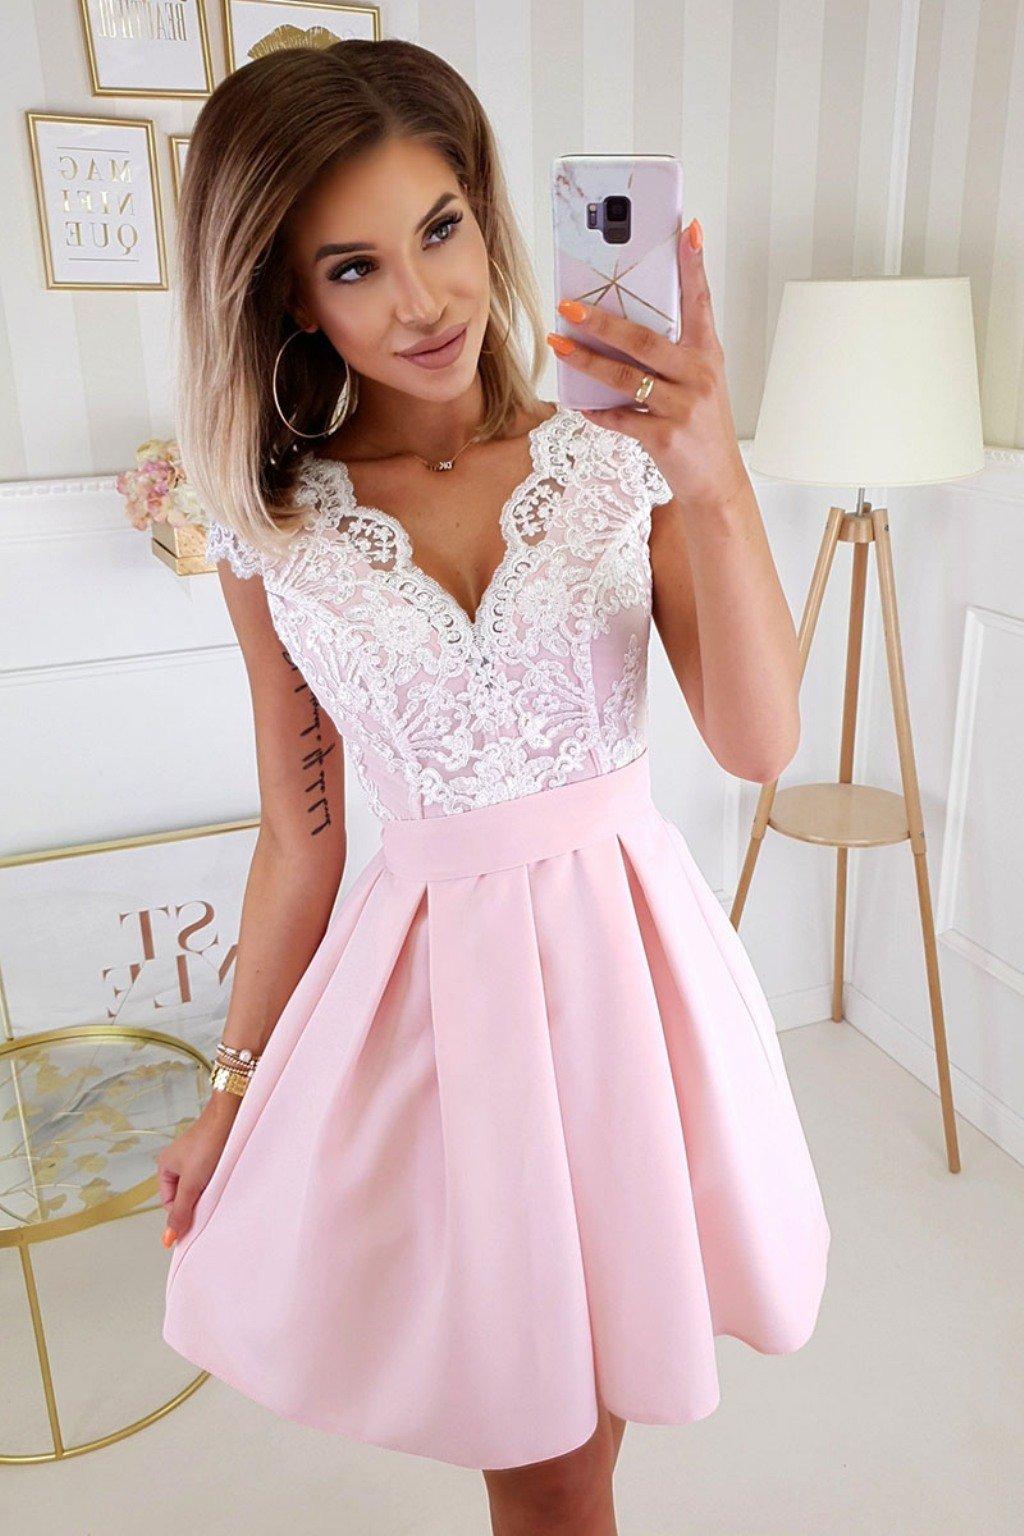 Ružovo-biele spoločenské mini šaty s áčkovou sukňou